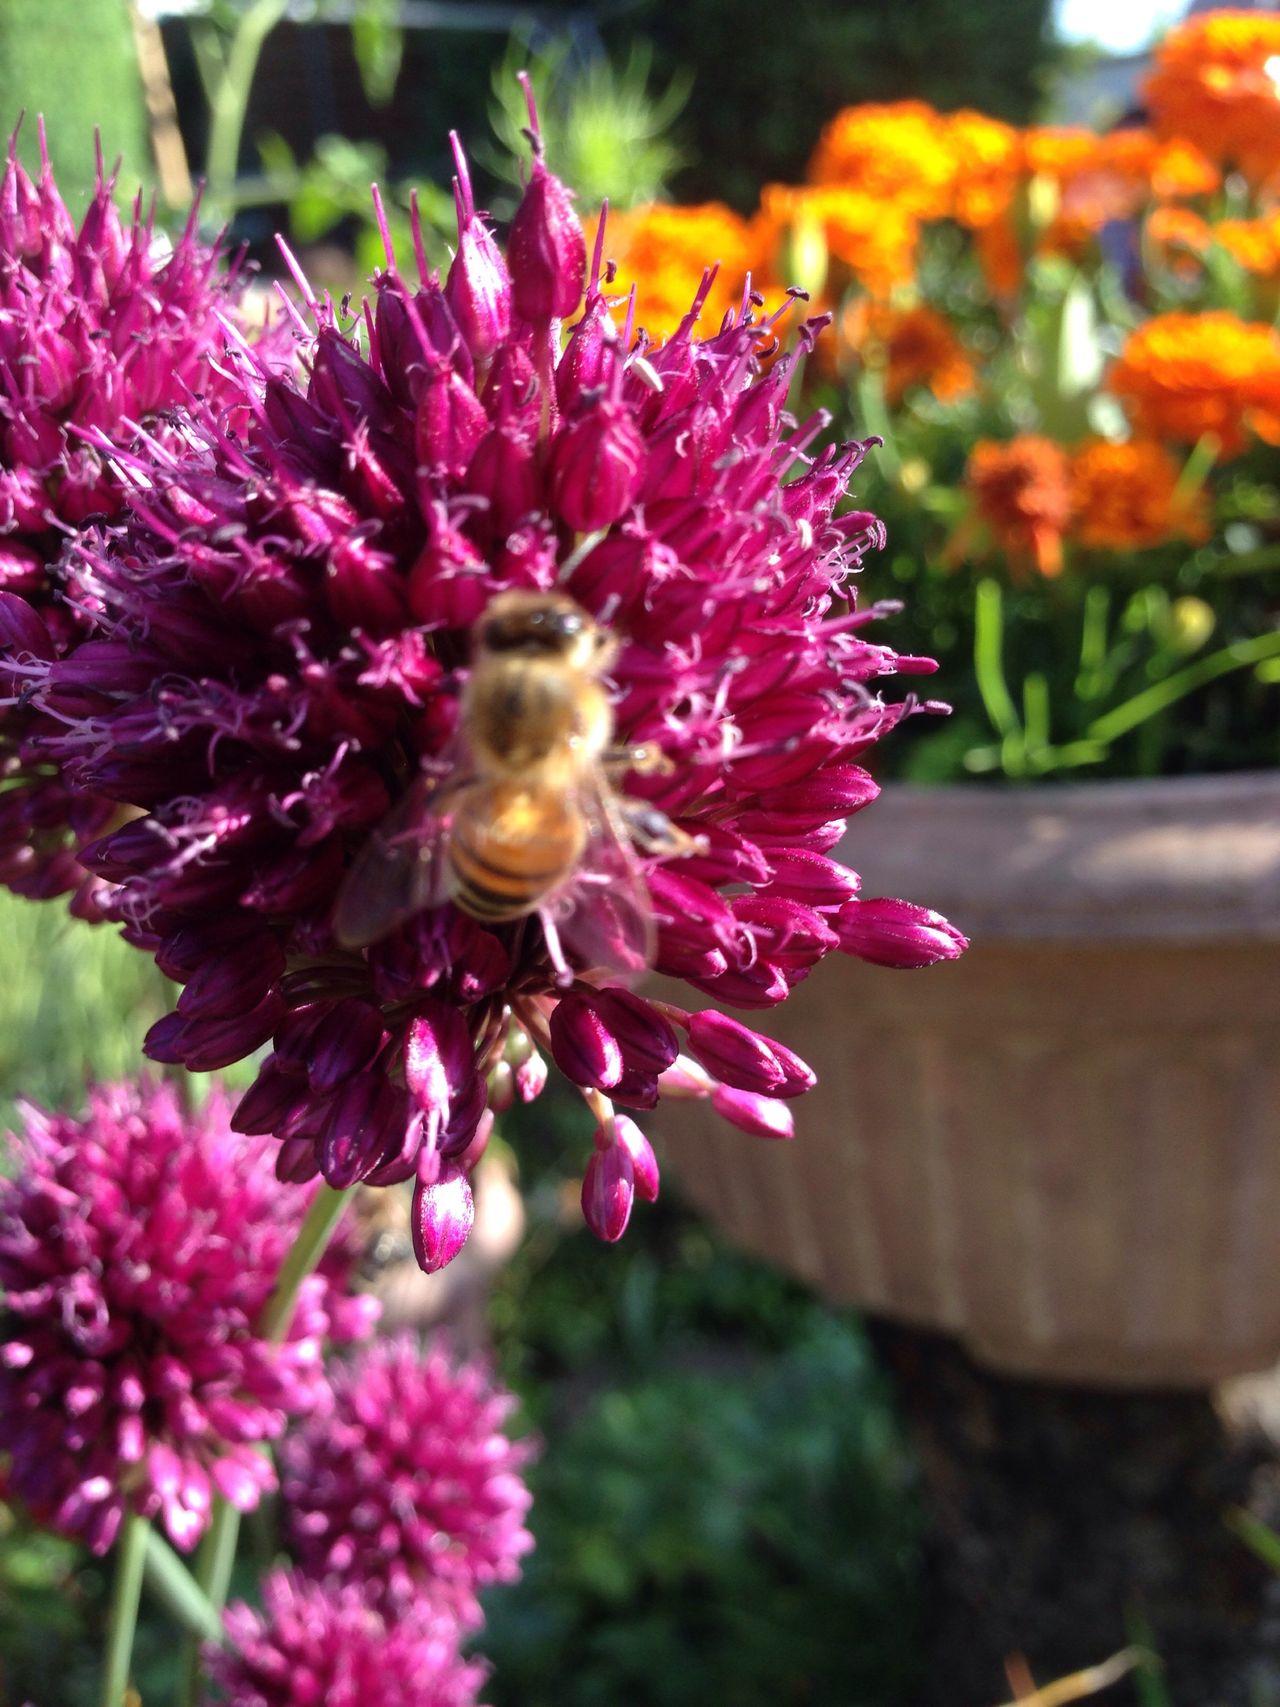 Garten Pflanze Natur Allium Sphaerocephalon Allium Flower Garden Zierlauch Kugellauch Garden Photography Lauch Wildbiene Wildbee Biene Bee Wildbienen Bienen Bei Der Arbeit Bienen  Bees Bees And Flowers